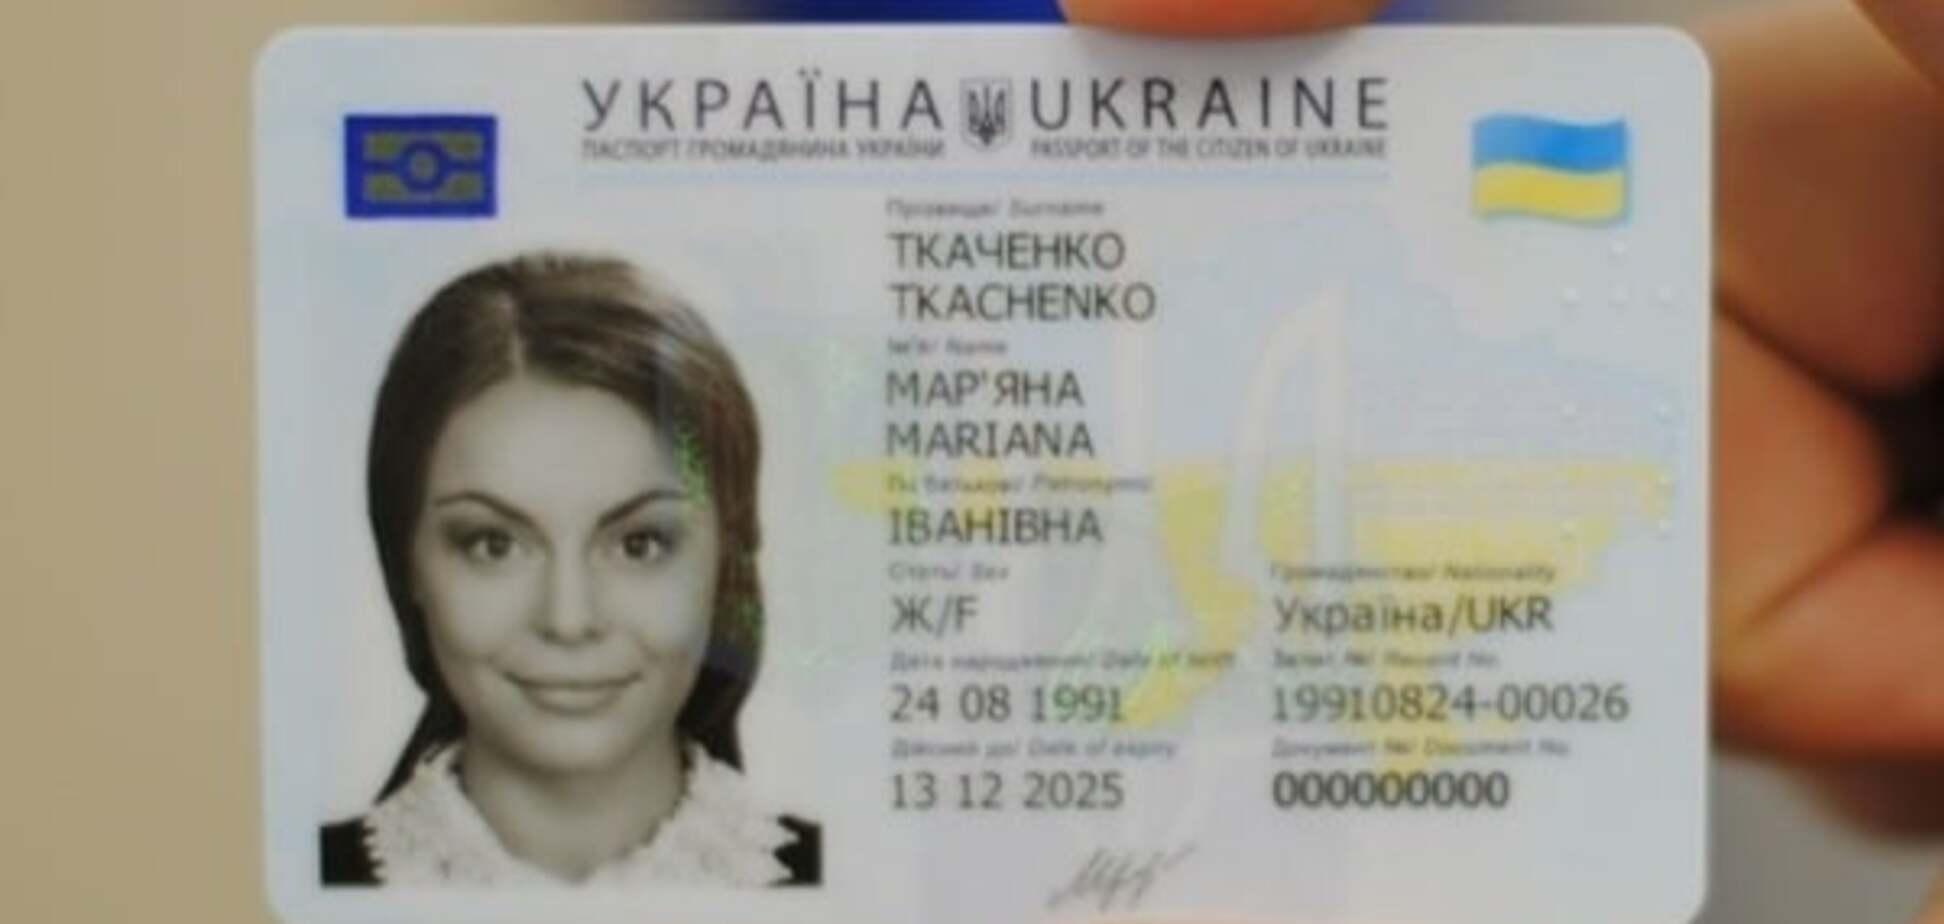 Міграційна служба готується видавати ID-картки всім бажаючим